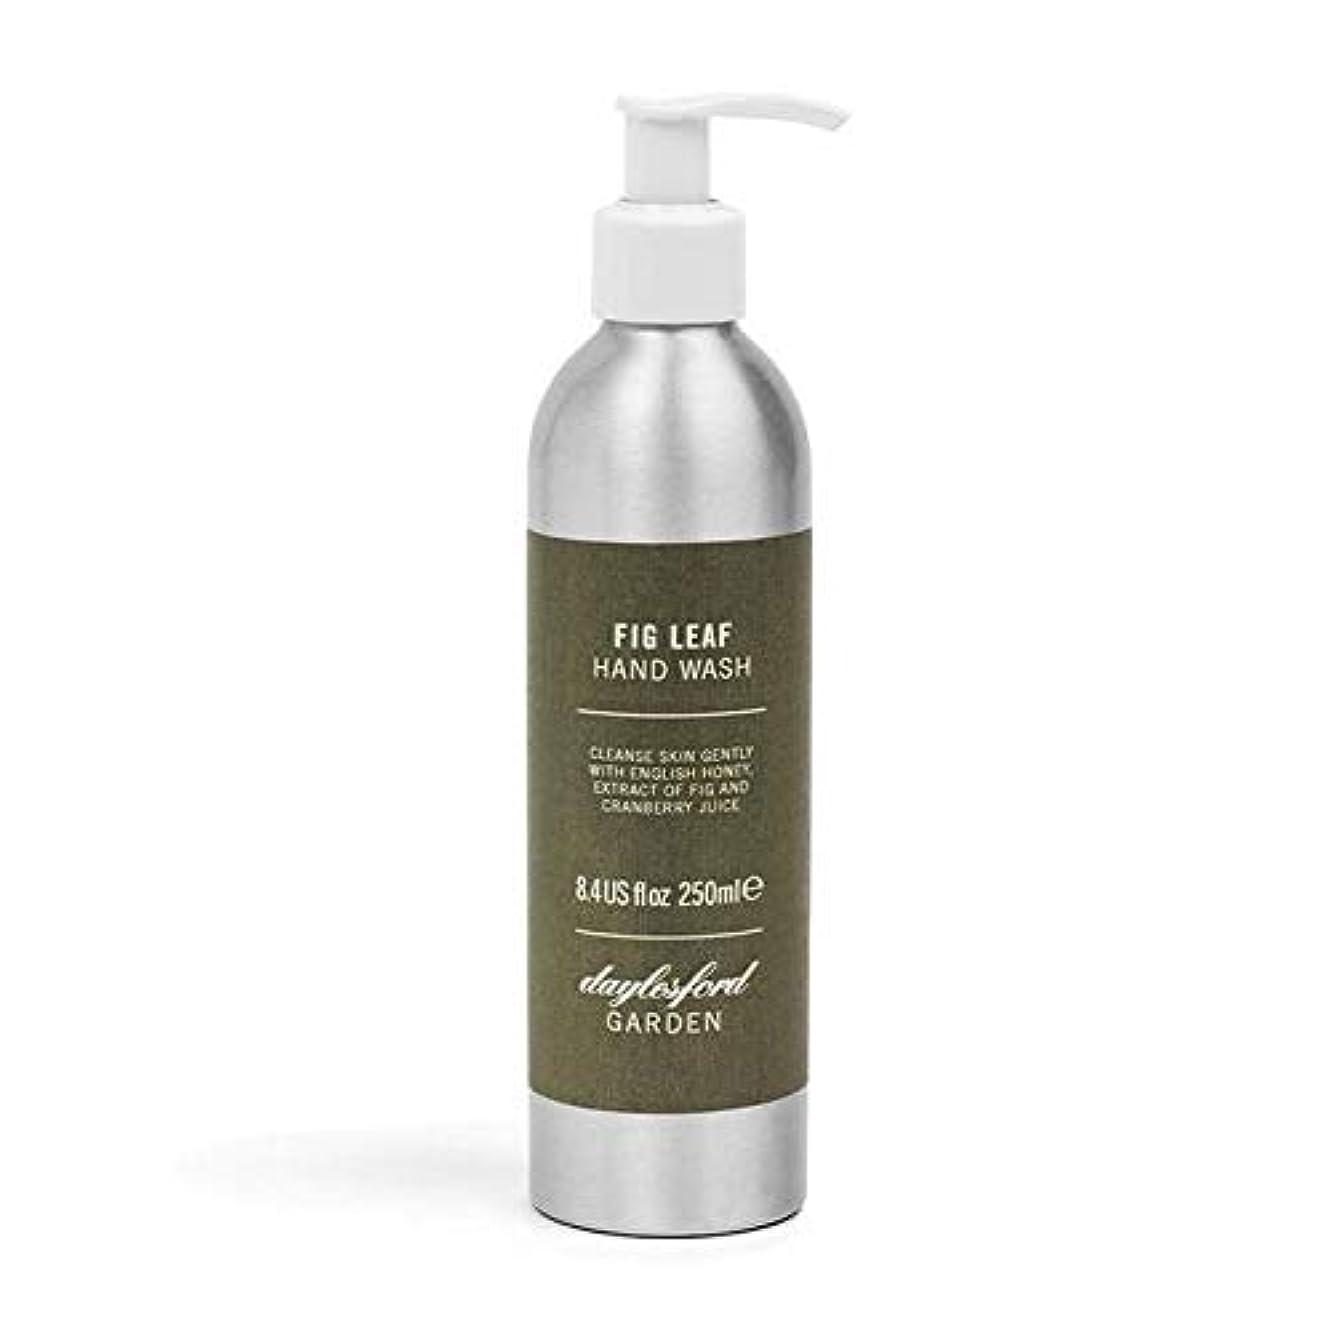 樹皮乏しい潜水艦[Daylesford ] デイルスフォードの自然なイチジクの葉ハンドウォッシュ250ミリリットル - Daylesford Natural Fig Leaf Hand Wash 250ml [並行輸入品]